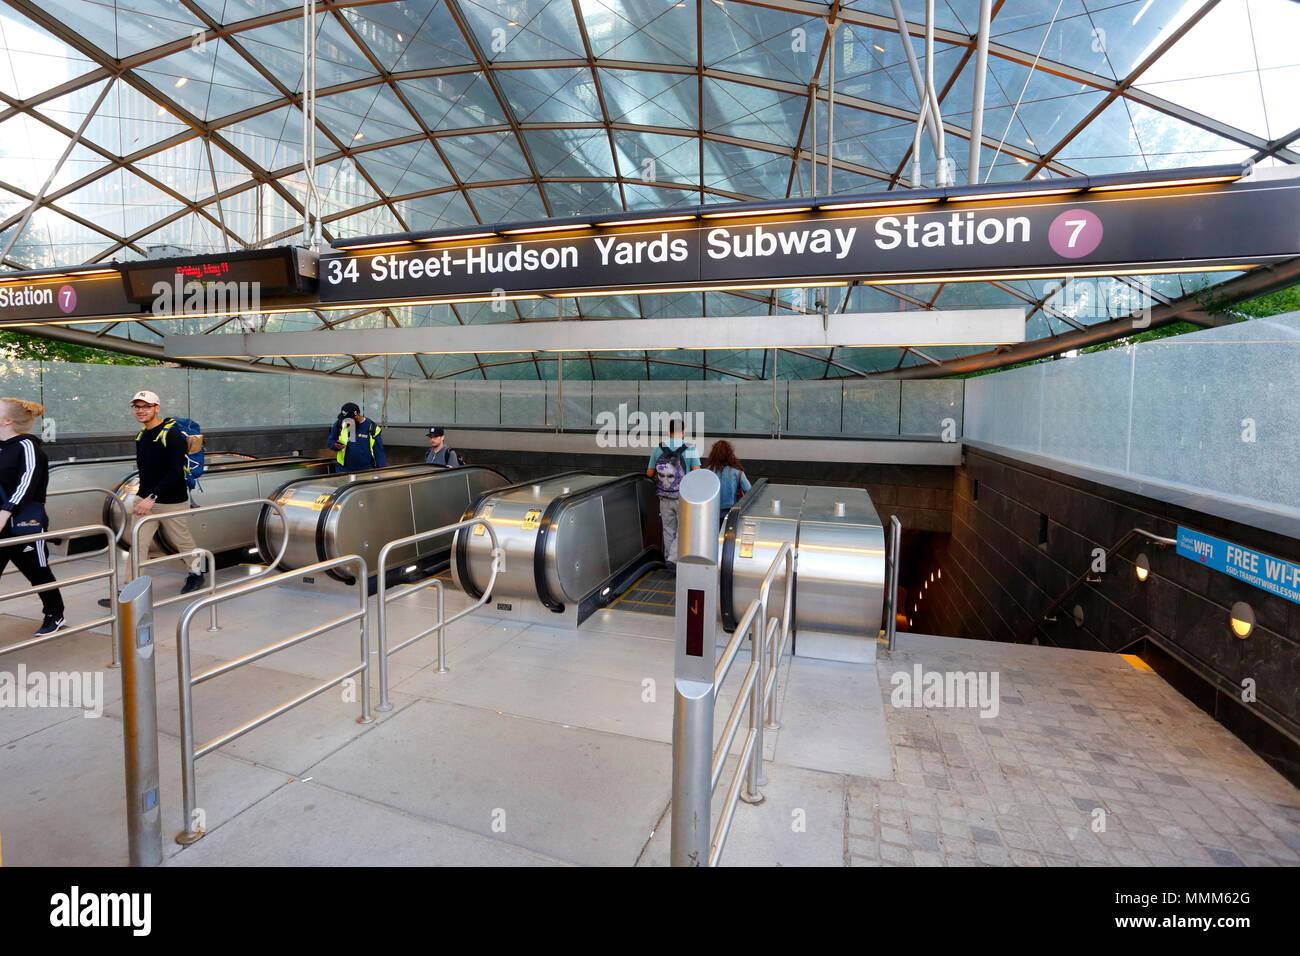 34 Street-Hudson Yards Subway station - Stock Image